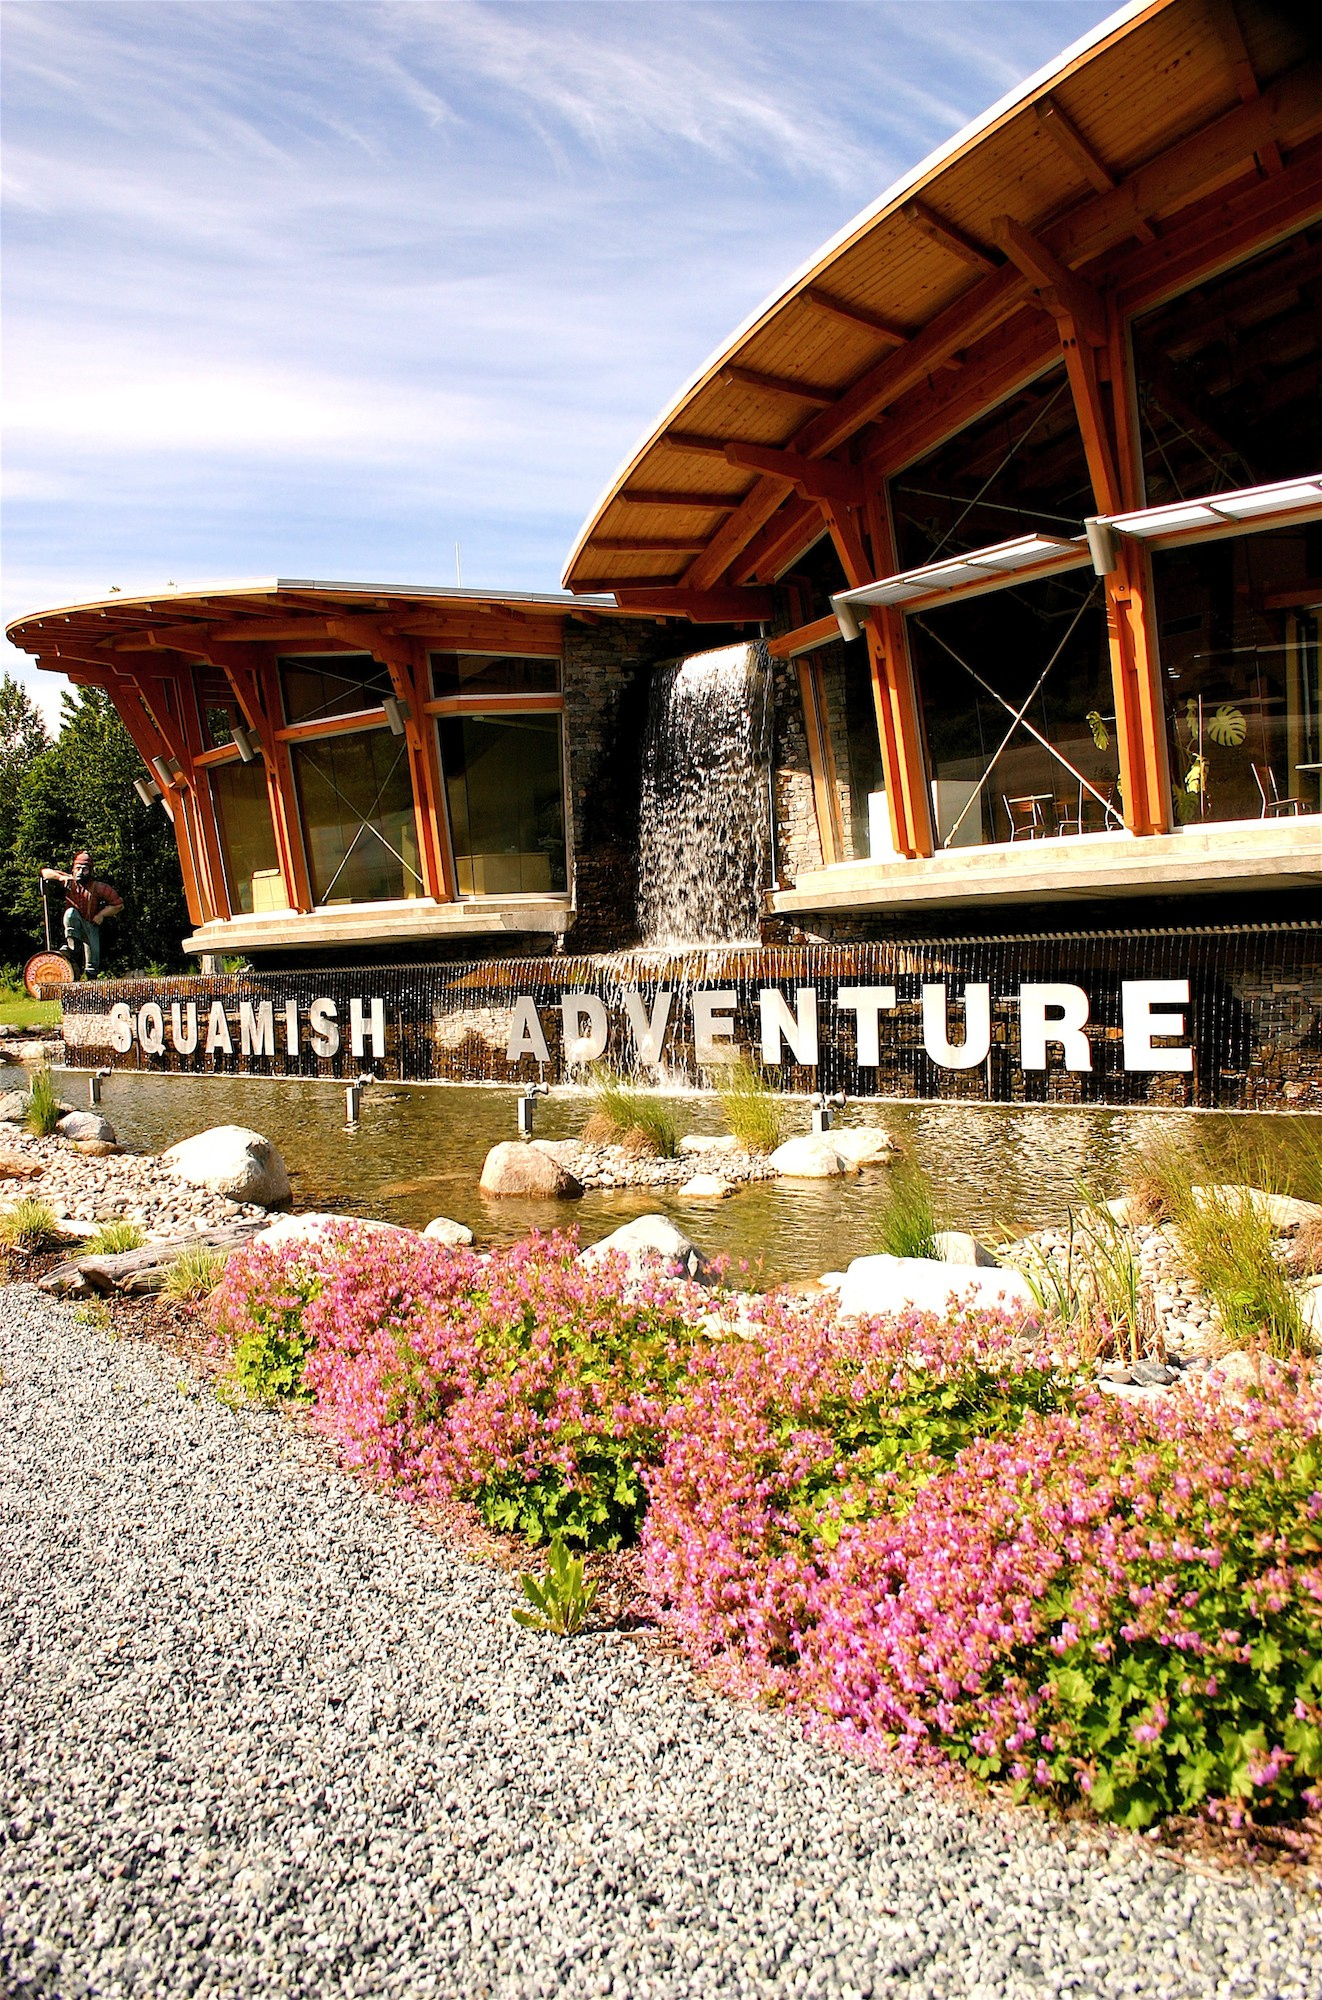 The Squamish Adventure Centre